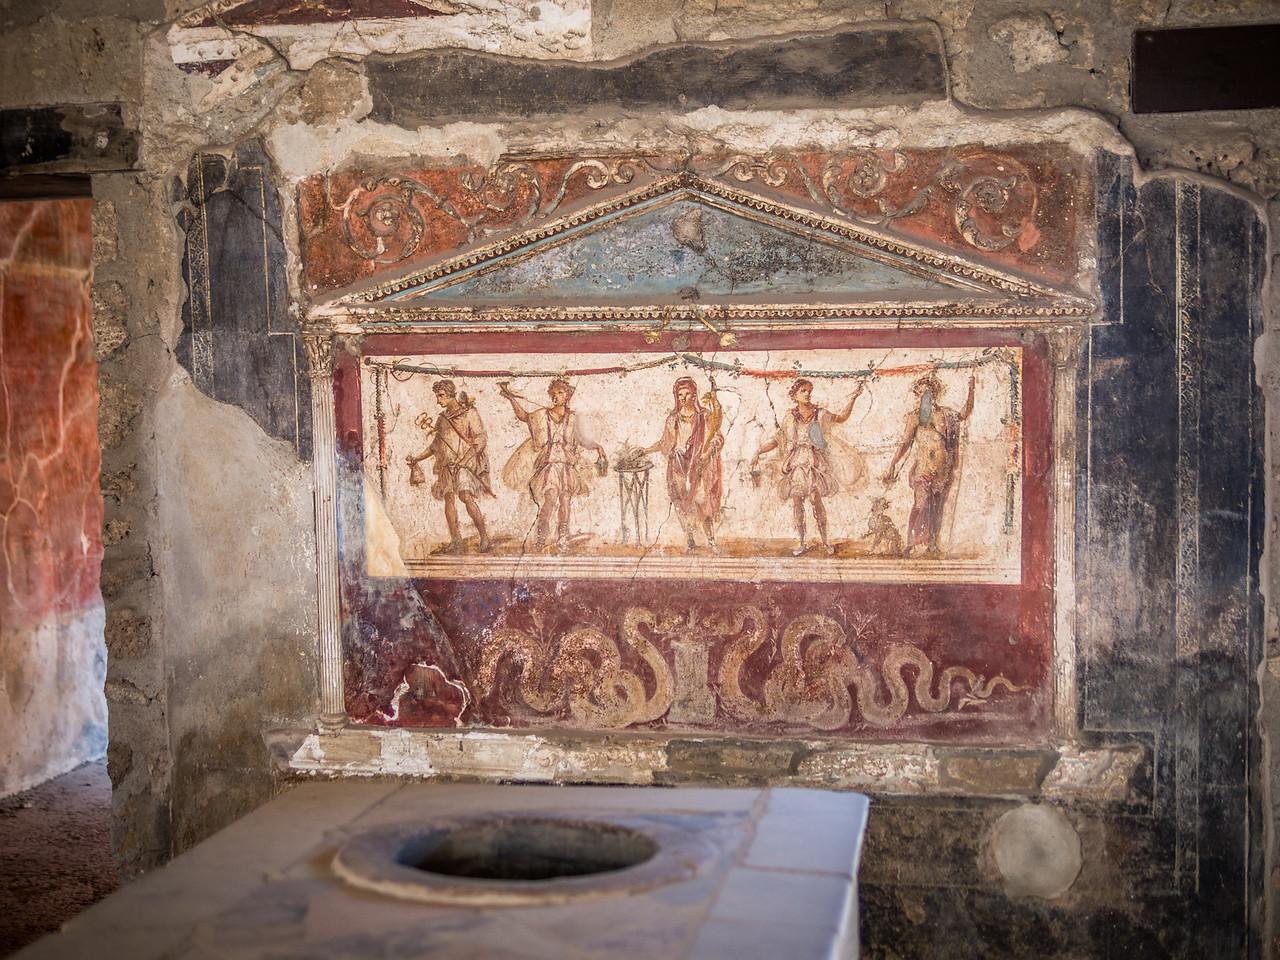 Advertisement, Pompeii, Italy